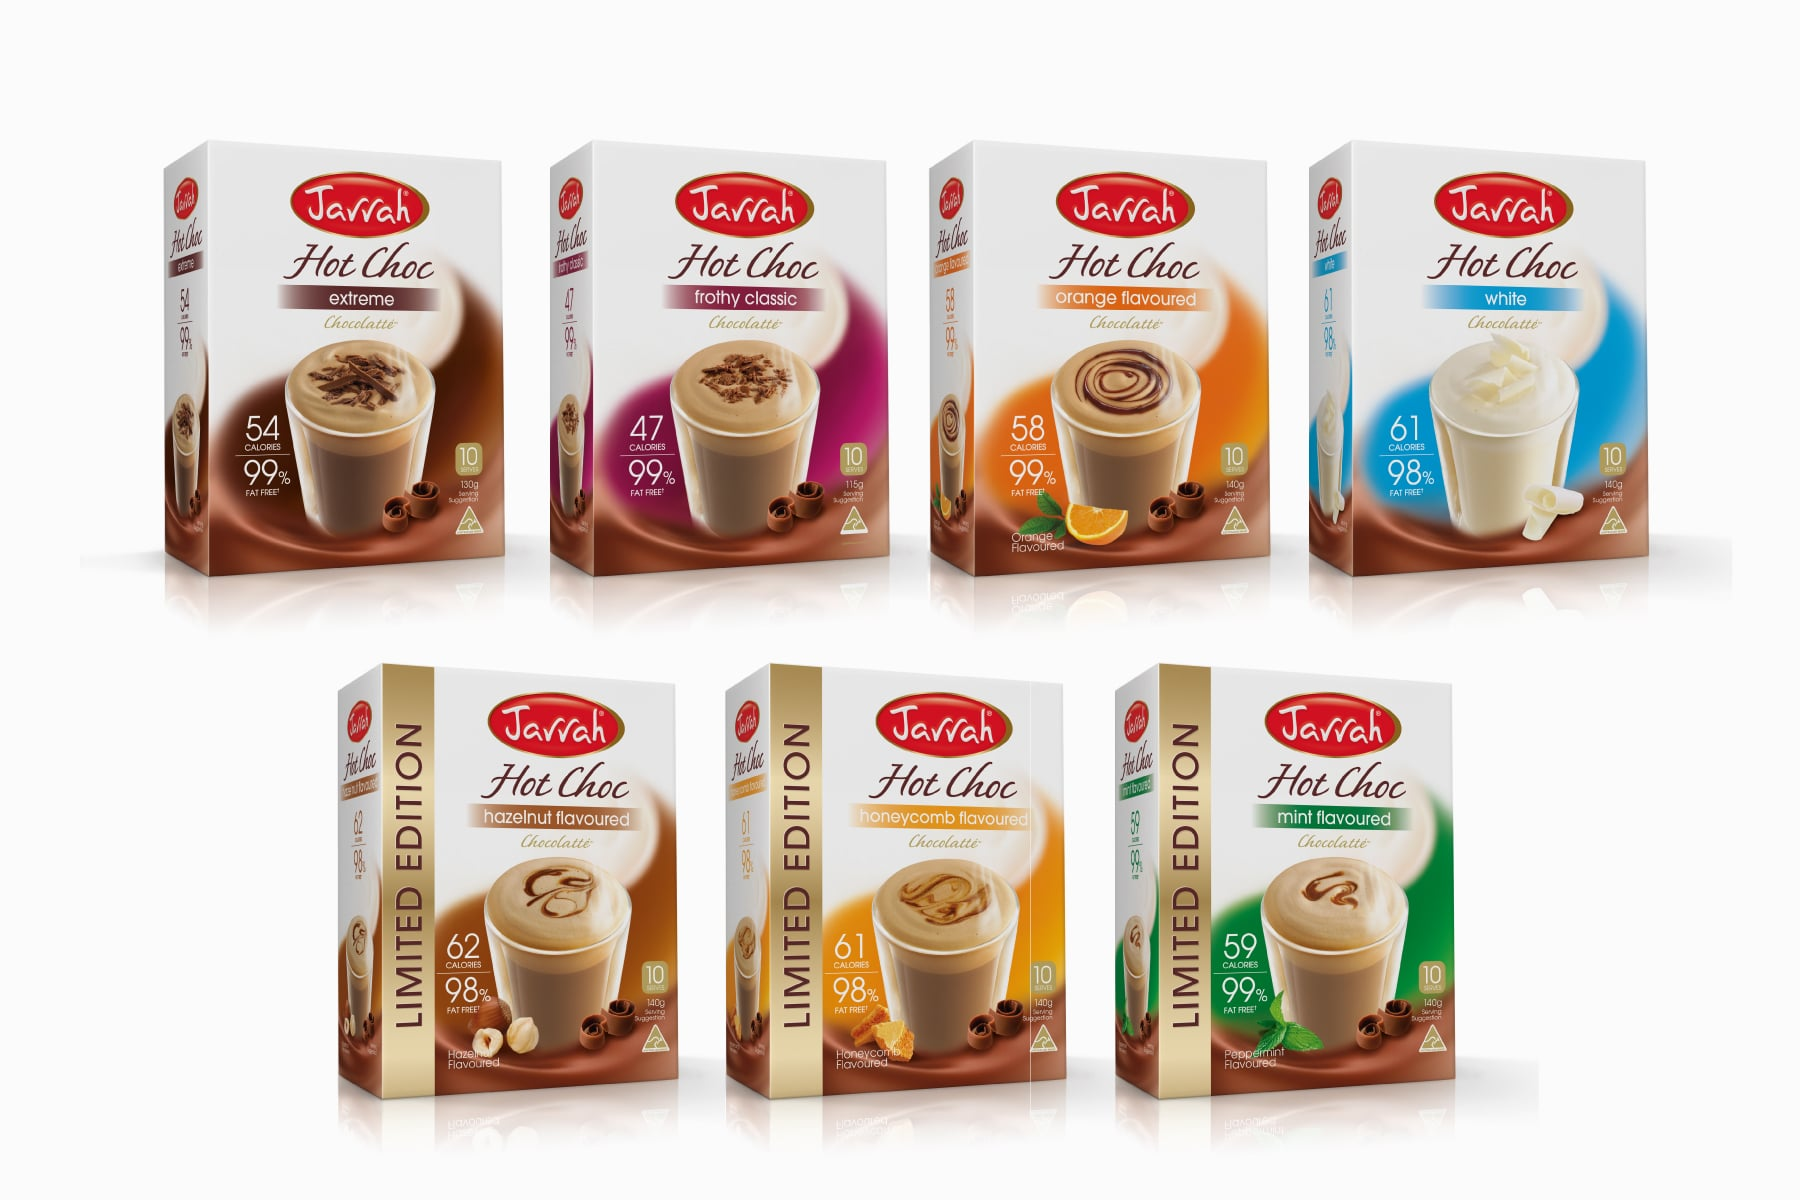 Davidson Branding FMCG Packaging Jarrah Twinings Range